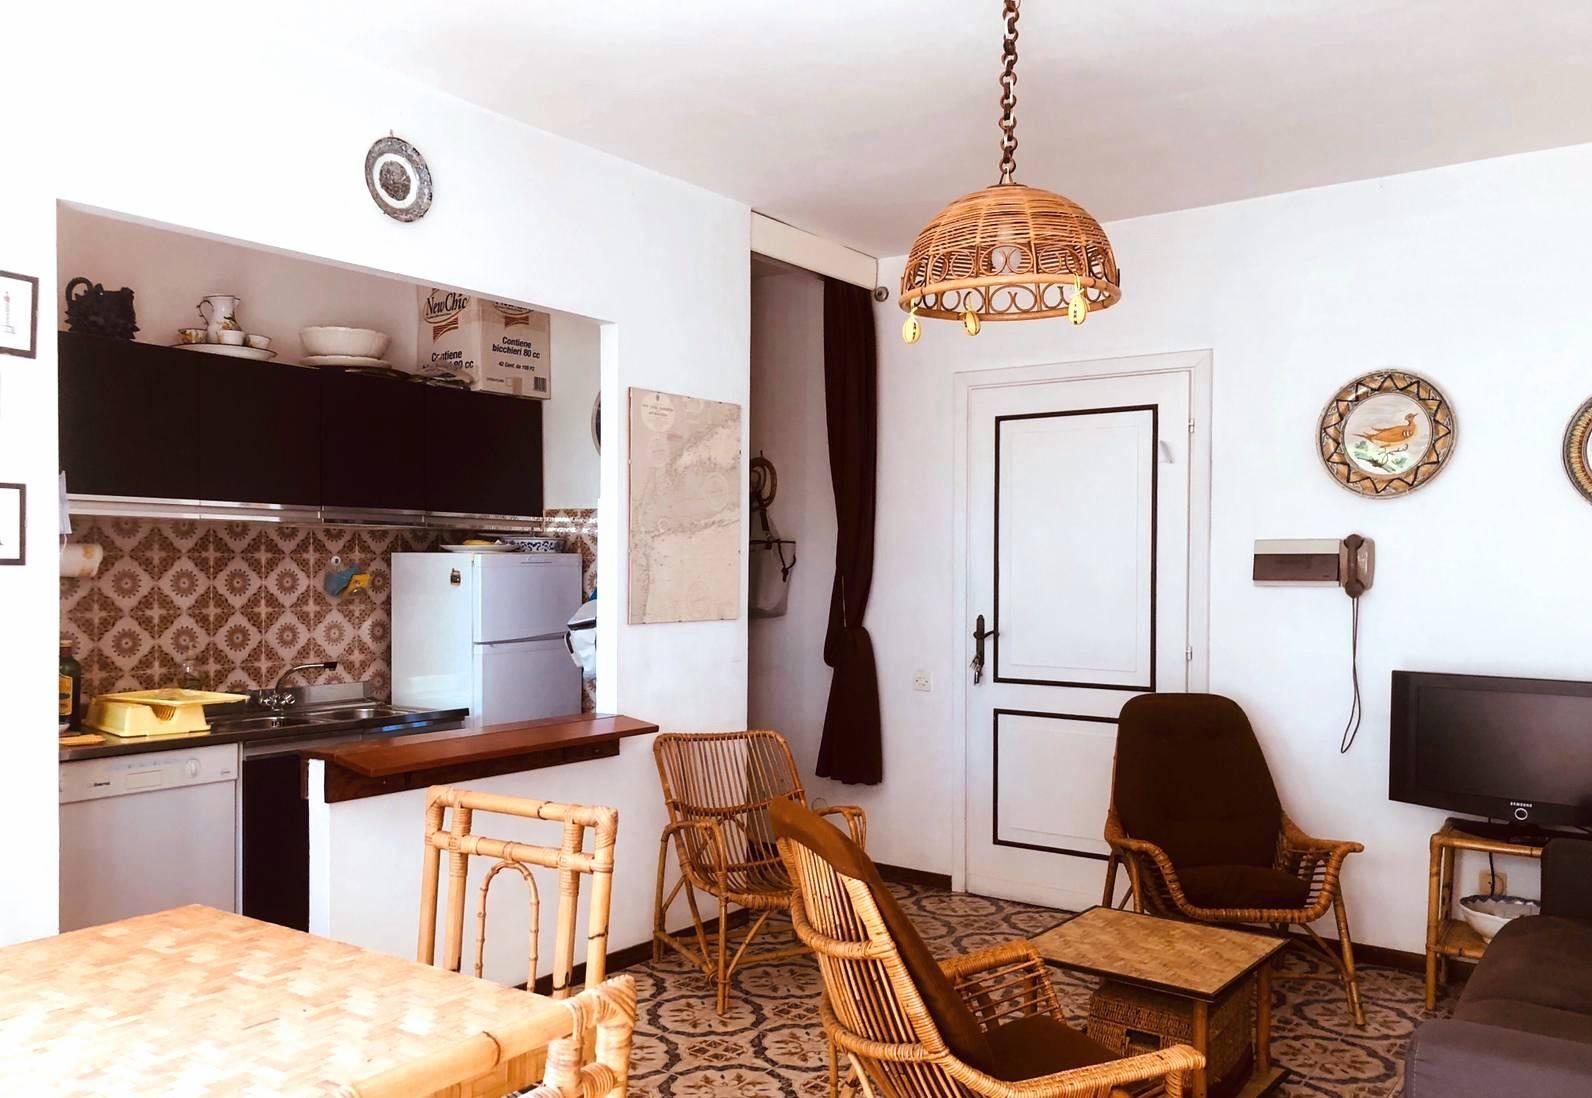 Appartamento in vendita a Gaeta, 2 locali, zona Località: Eucalipti, prezzo € 230.000 | PortaleAgenzieImmobiliari.it